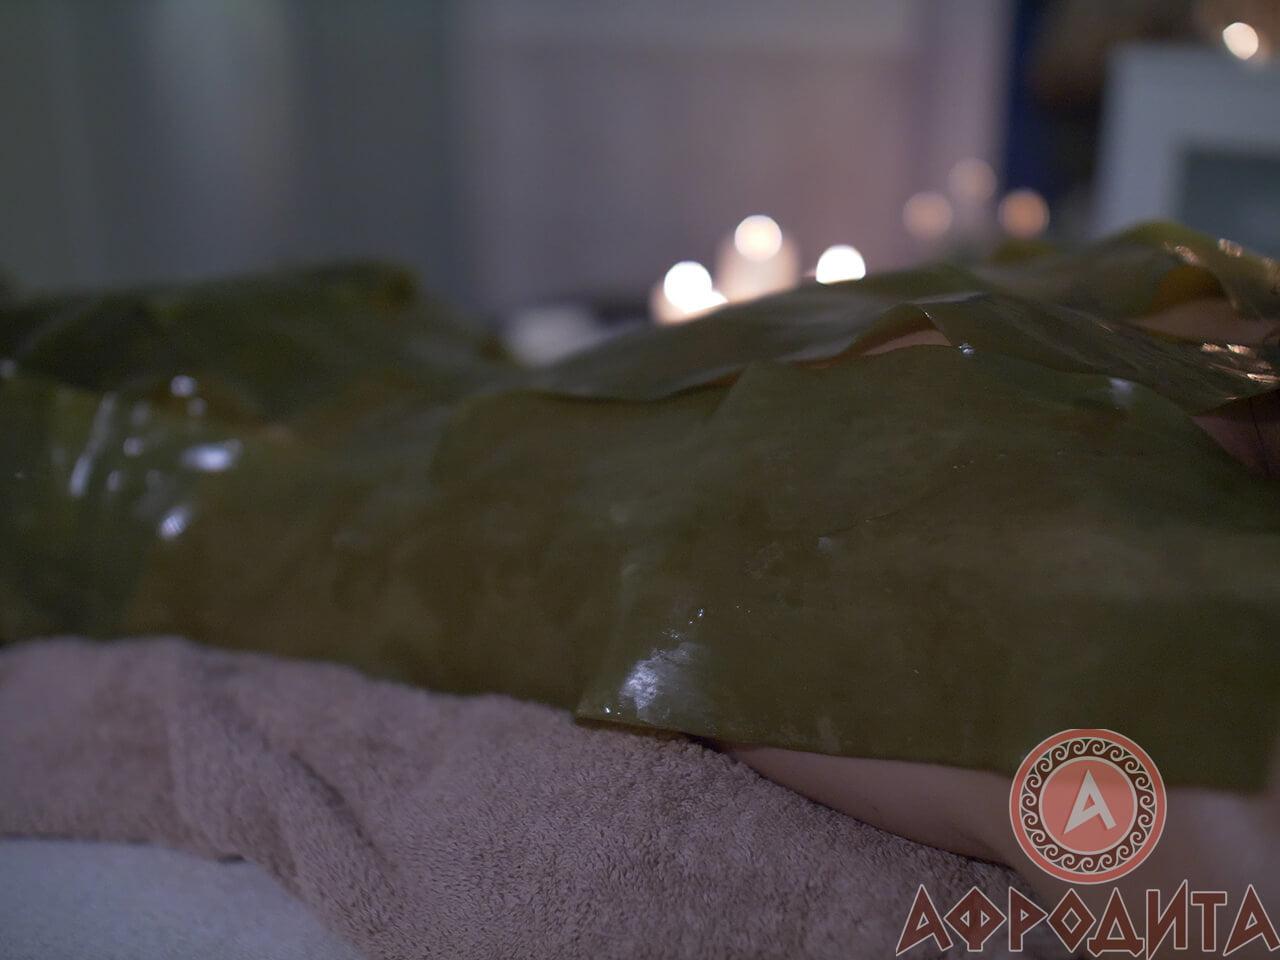 Обертывание листовыми водорослями в Железнодороюном СПА центр Афродита